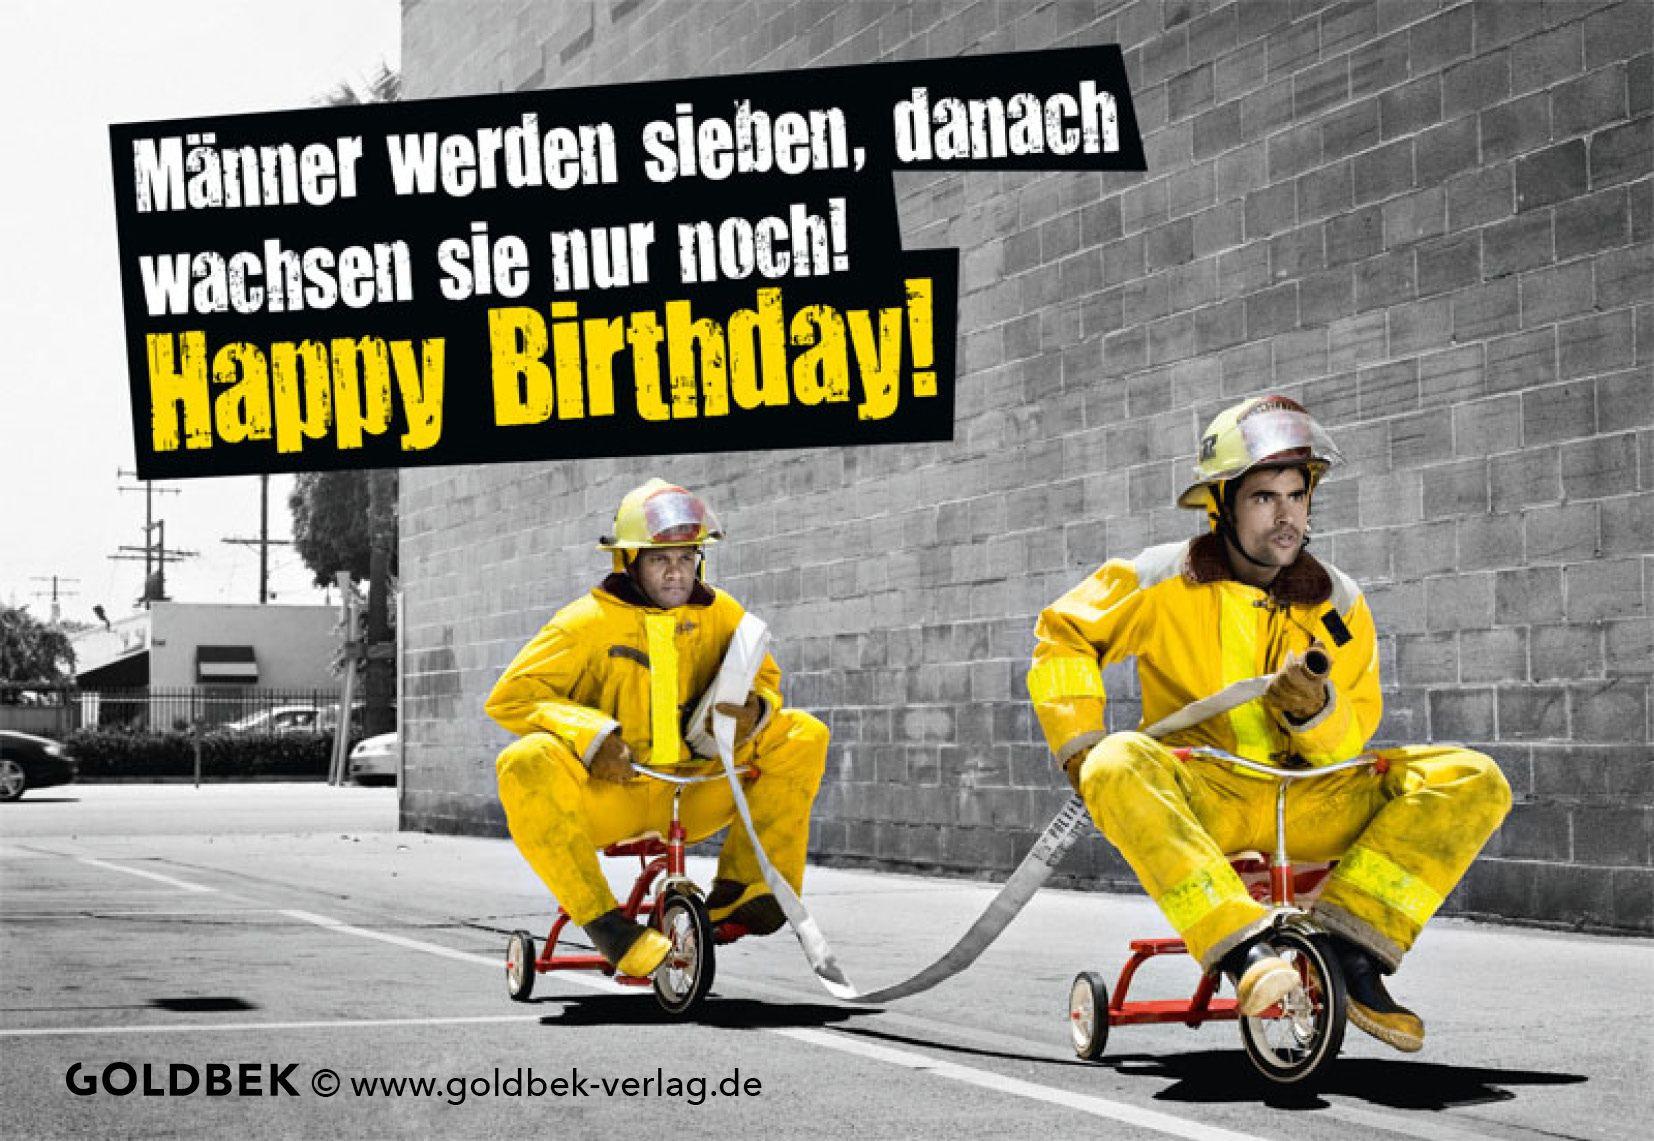 Geburtstagswünsche Feuerwehr  Postkarten Geburtstag Humor Männer werden sieben